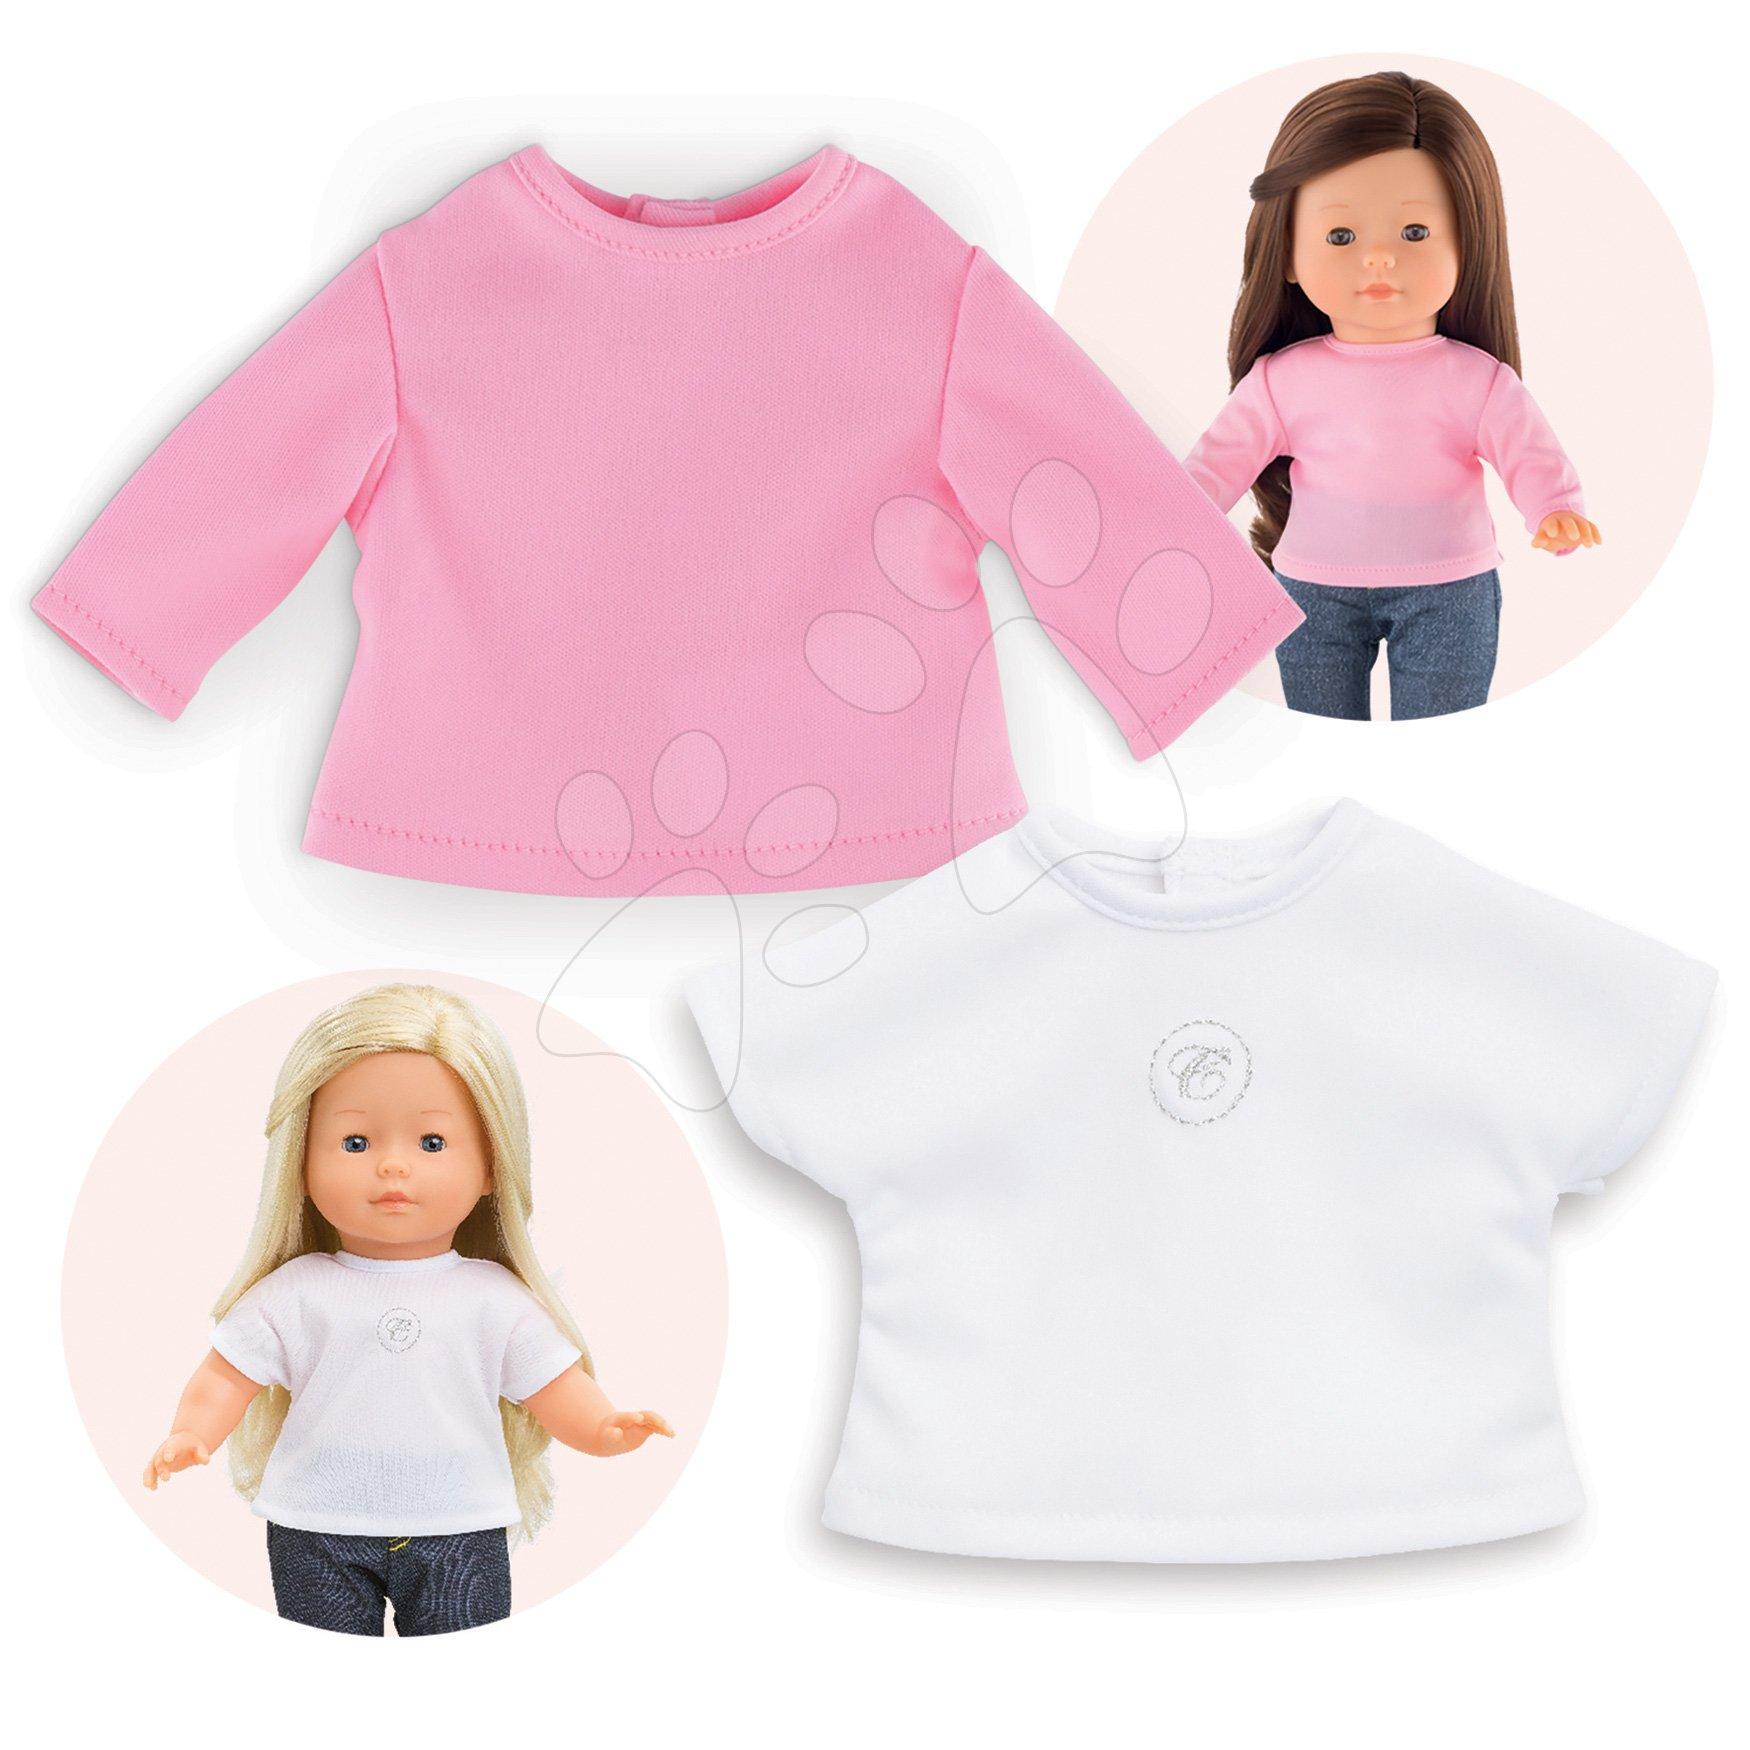 Oblečenie T-shirts Ma Corolle 2 kusy pre 36 cm bábiku od 4 rokov